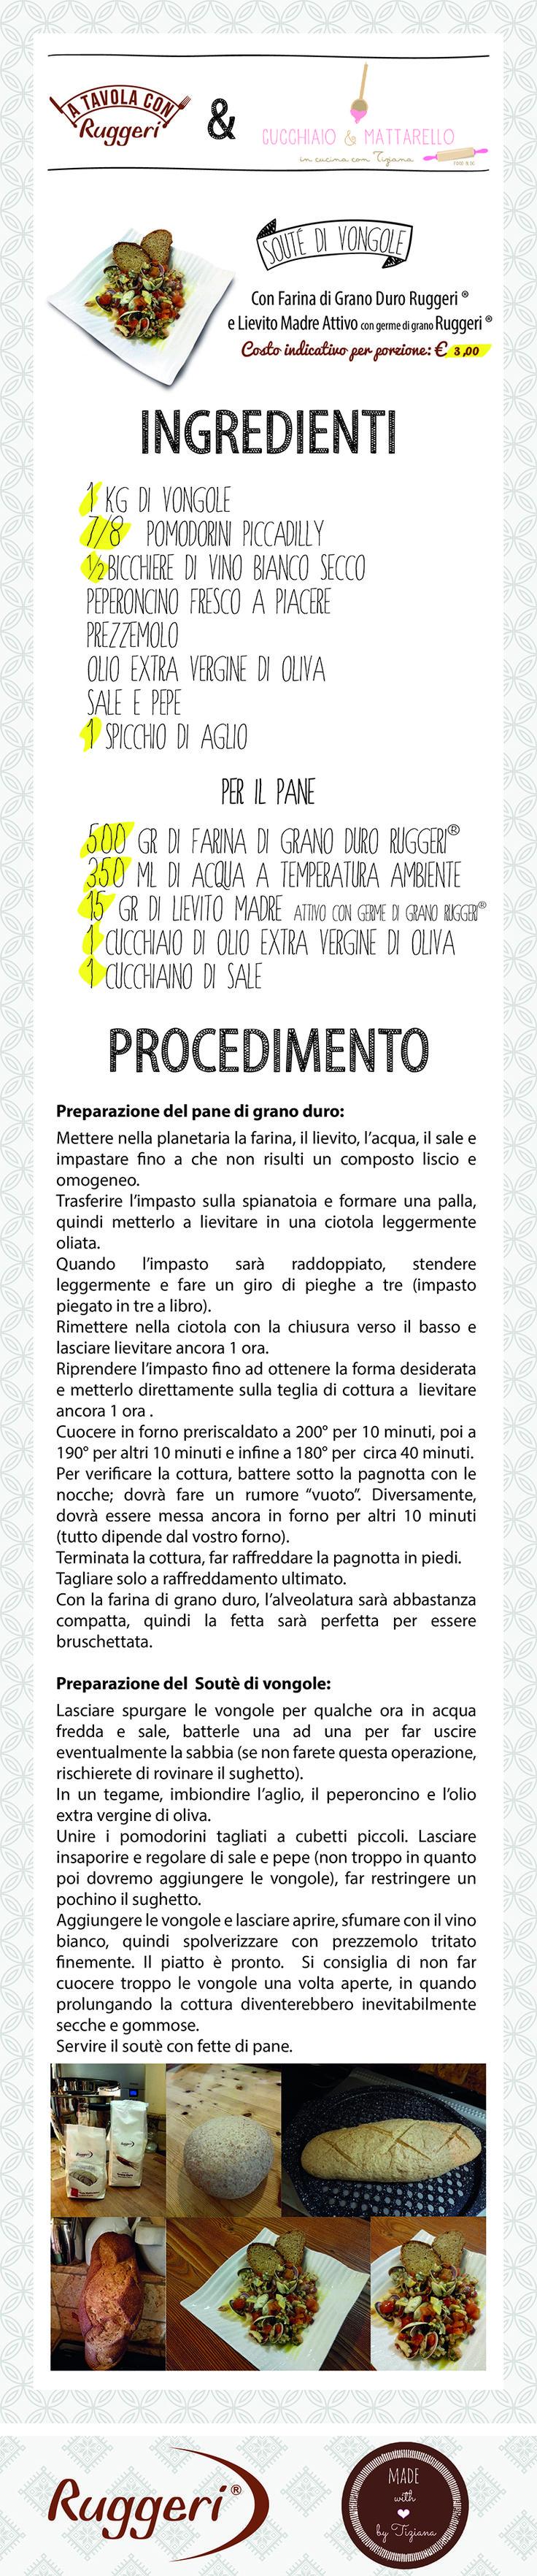 Ricetta per souté di vongole. Prodotti Ruggeri utilizzati: - Farina di Grano Duro Ruggeri, - Lievito Madre Attivo con germe di grano Ruggeri.  http://www.ruggerishop.it/it/ http://blog.alice.tv/cucchiaioemattarello/